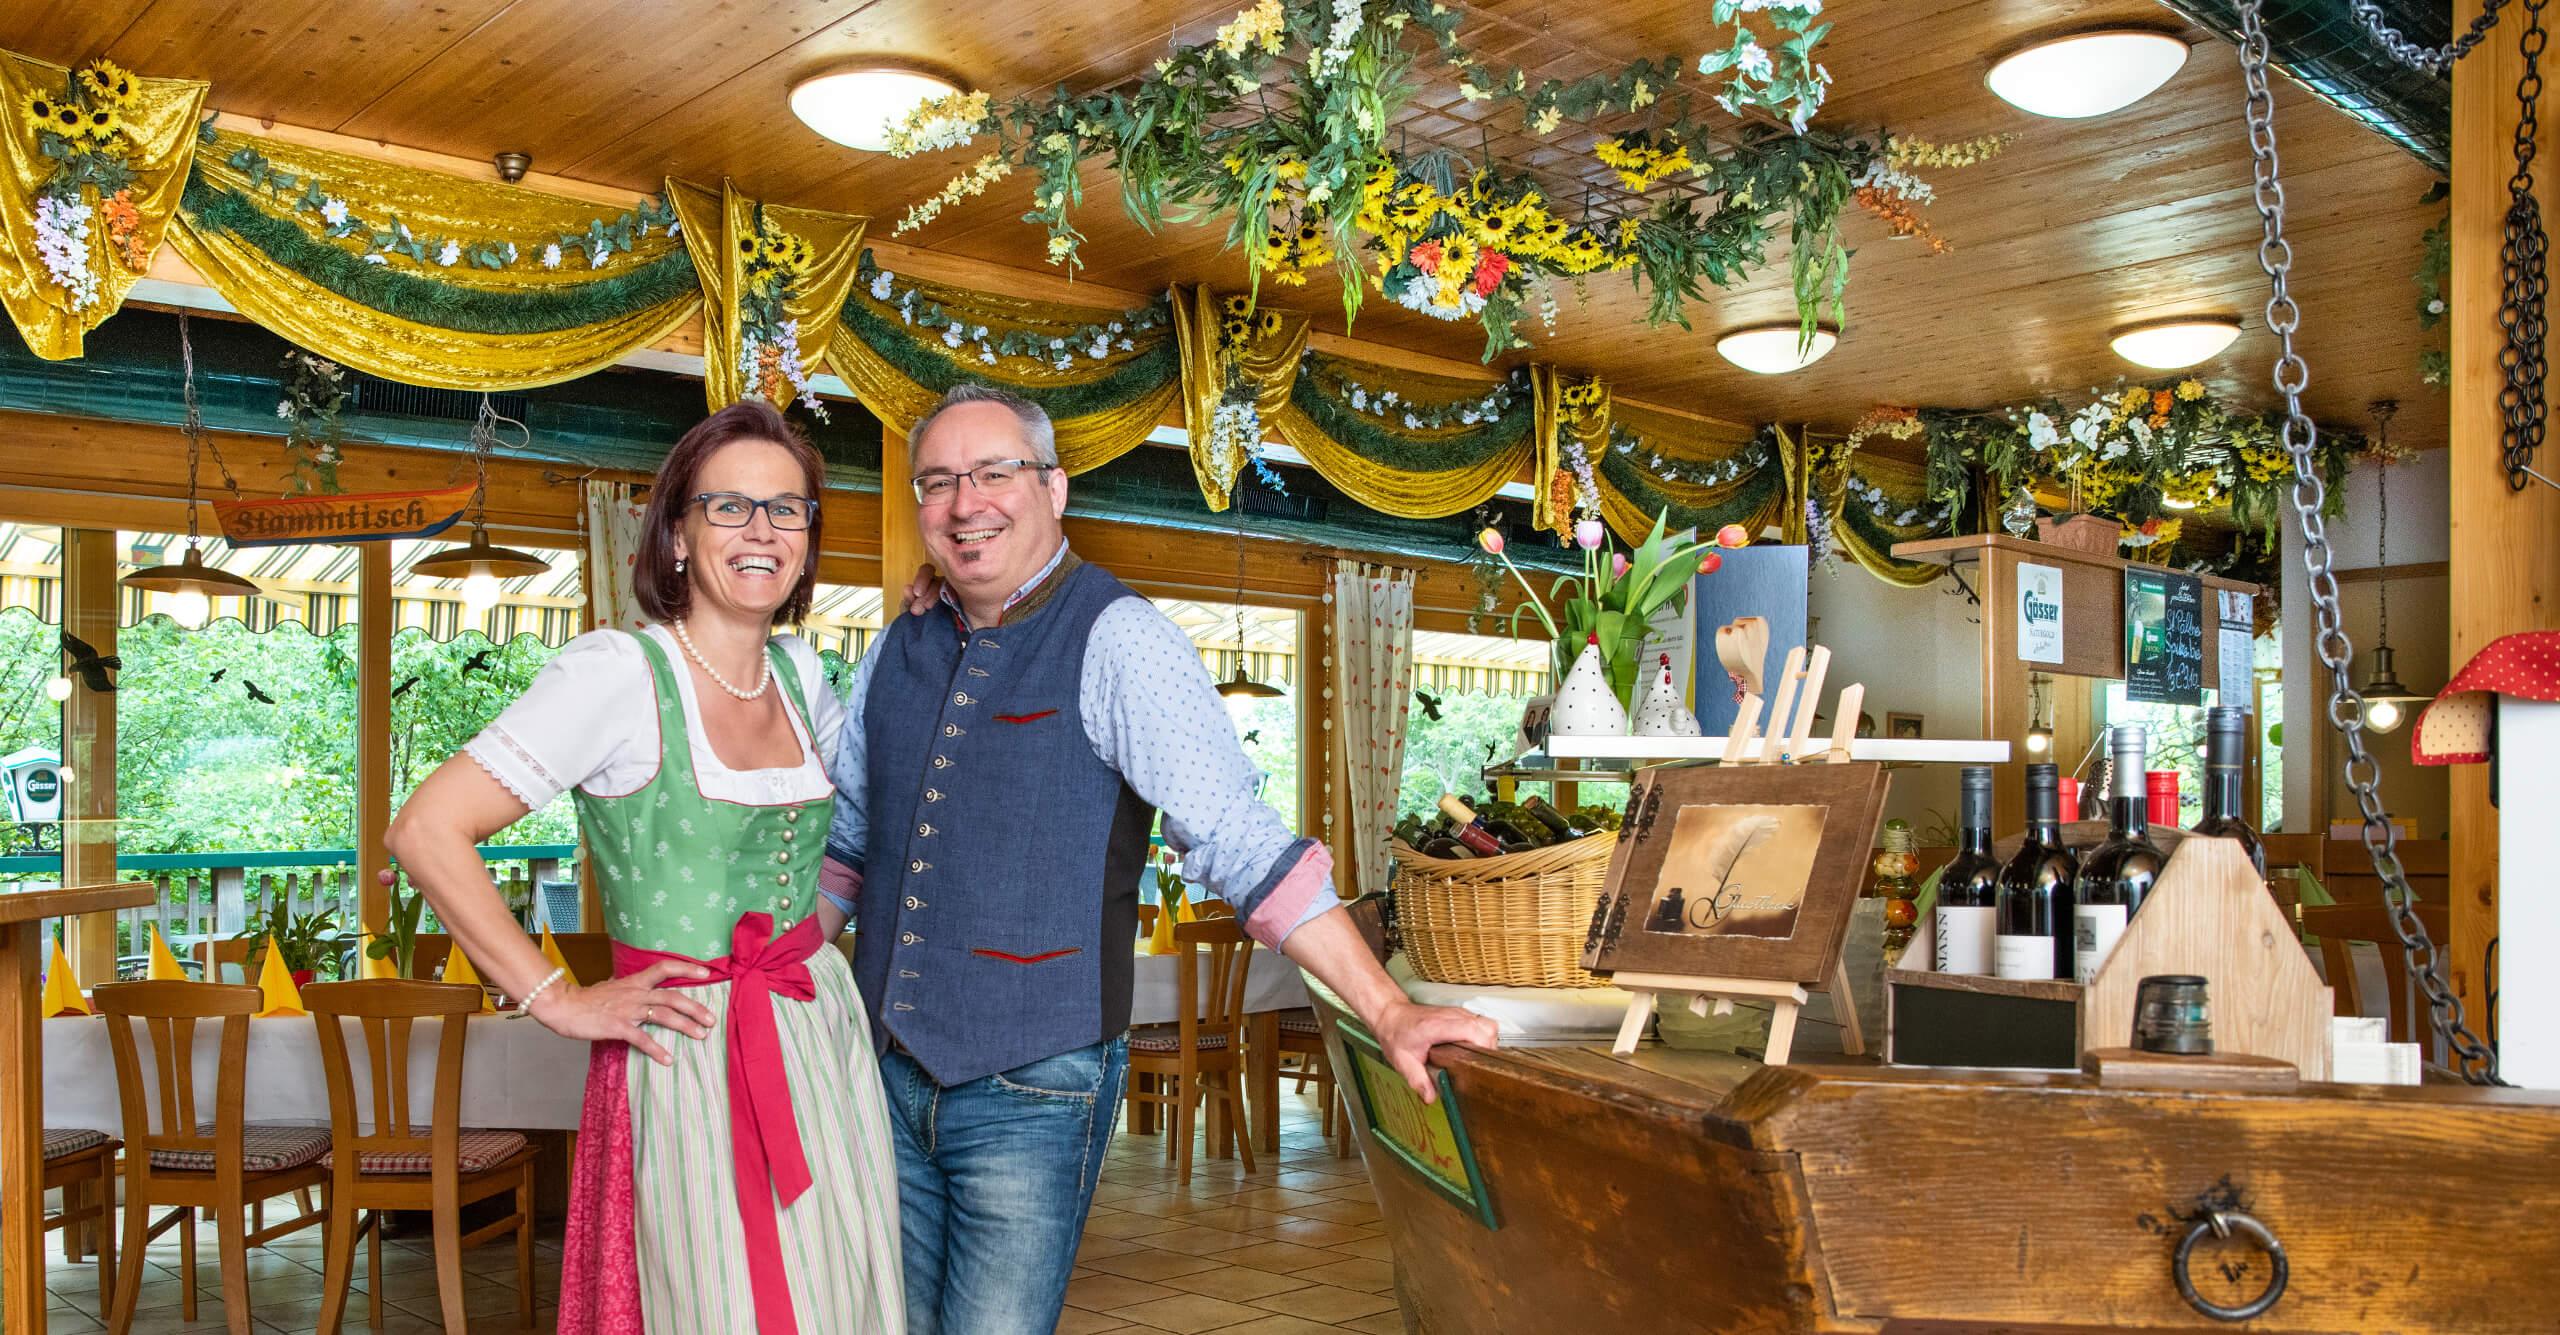 Christiane und Martin Rabl im Bootshaus St. Pölten